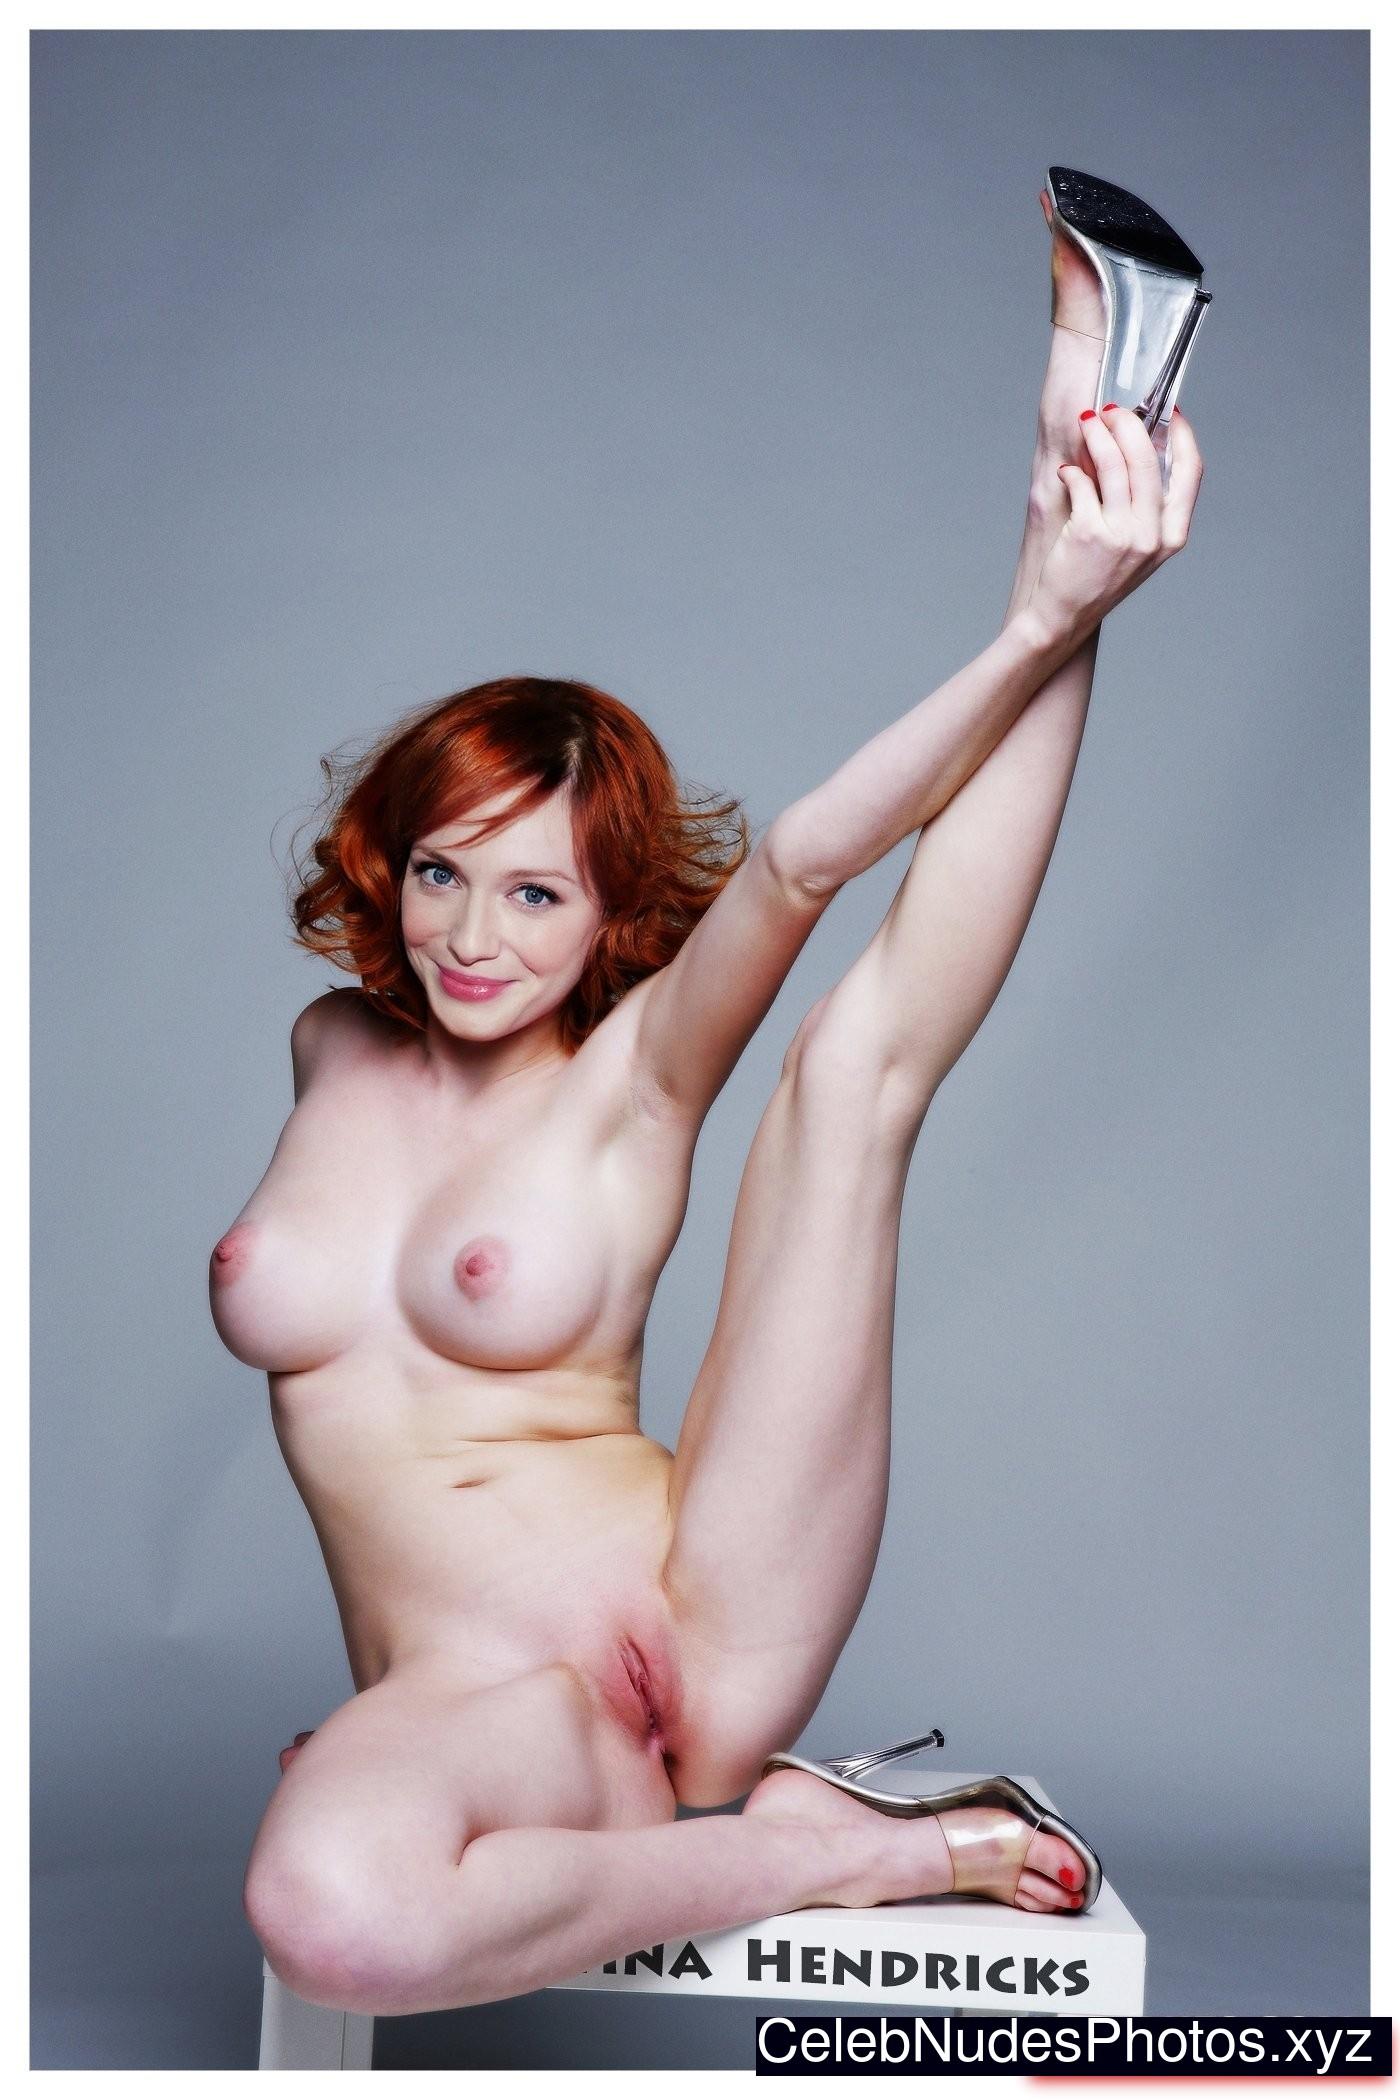 Christina Hendricks nude celeb